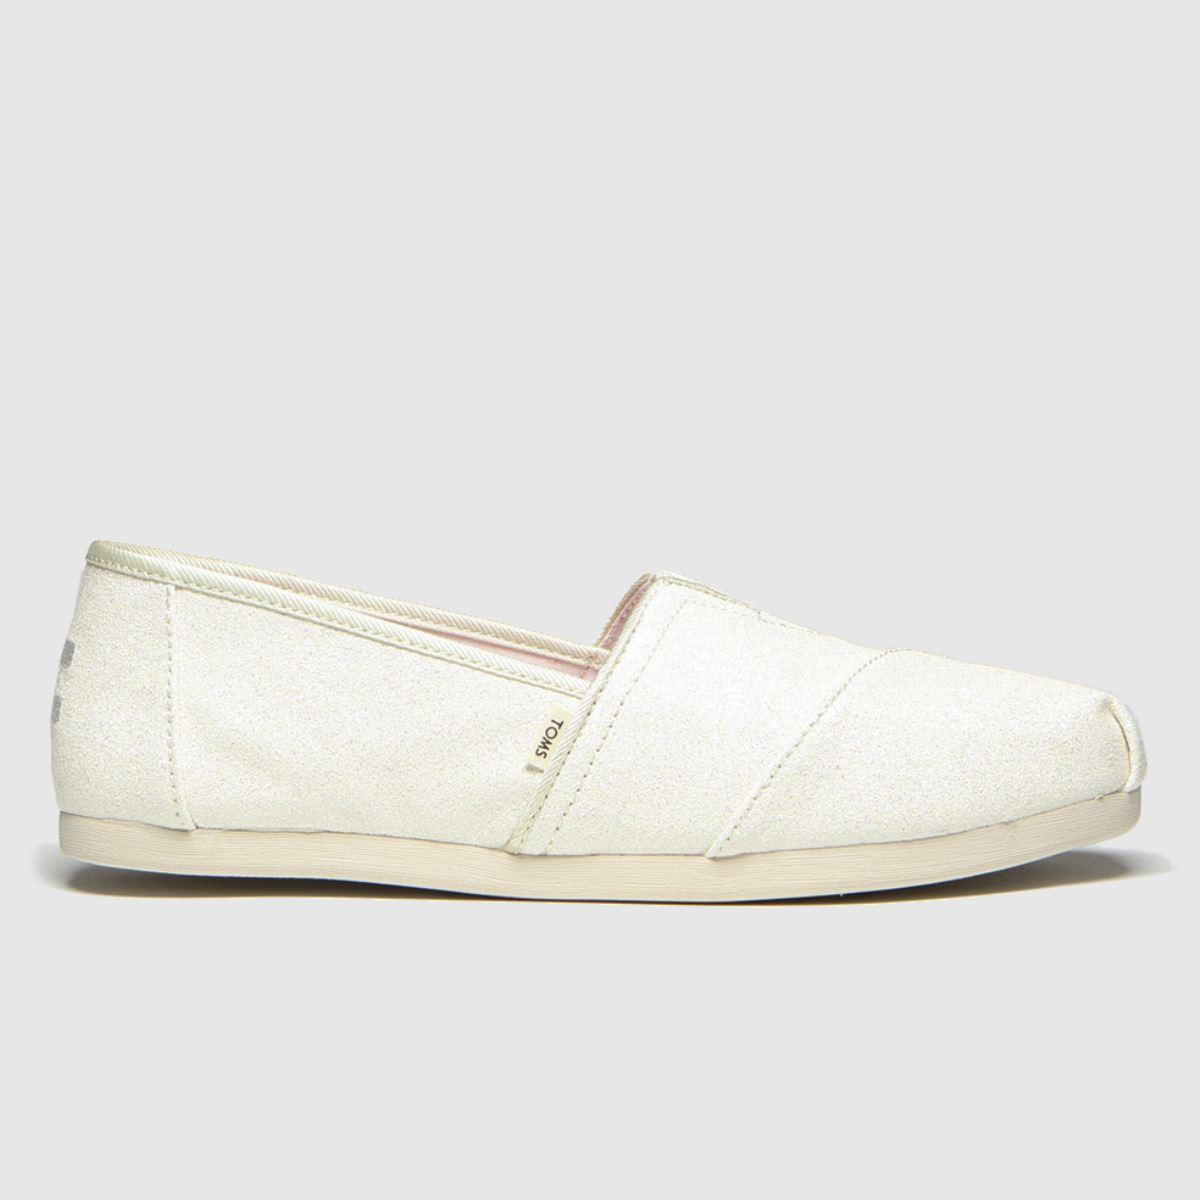 Toms White Alpargata Glitter Flat Shoes